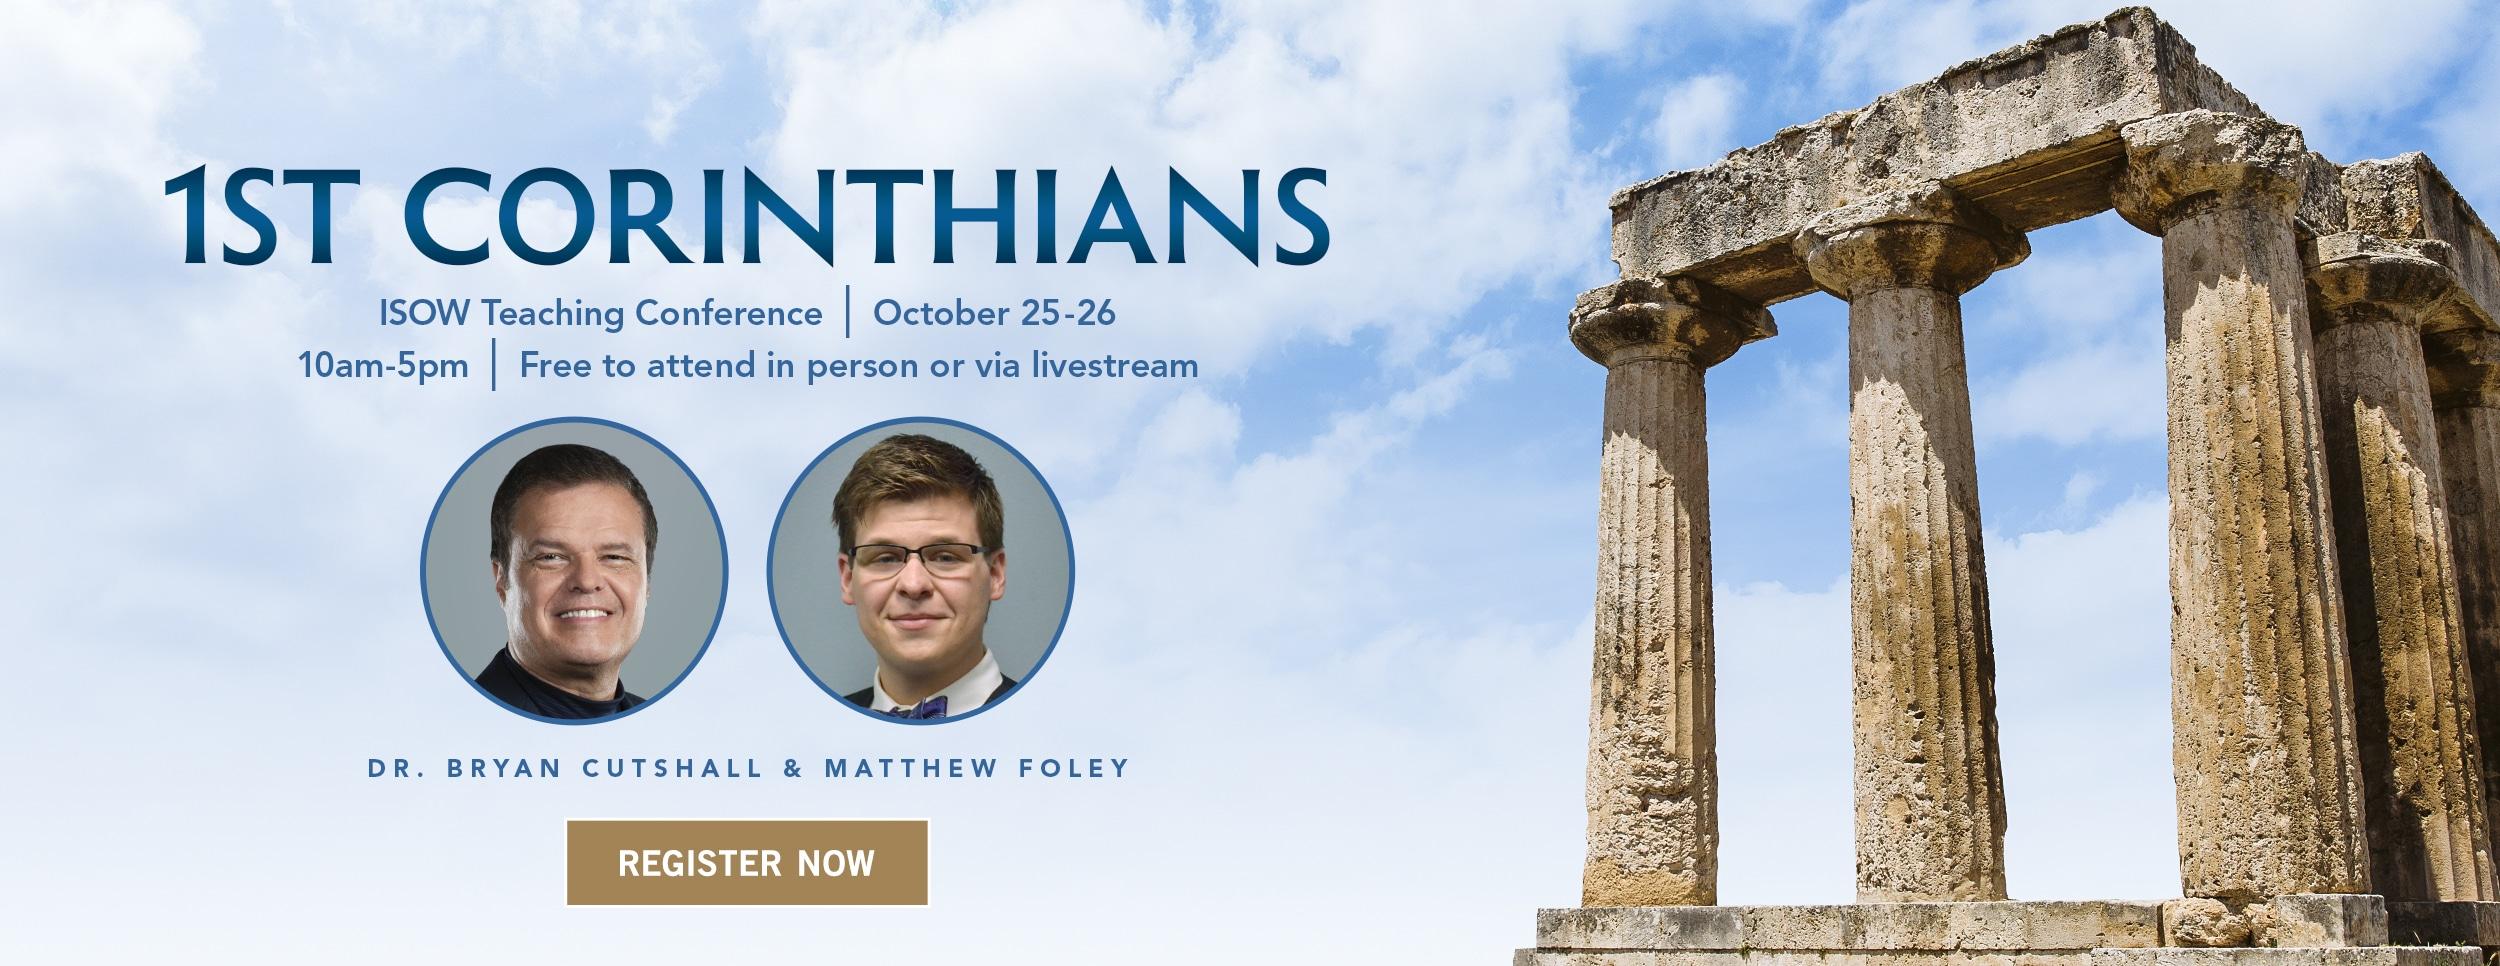 1st Corinthians Teaching – Website Banner